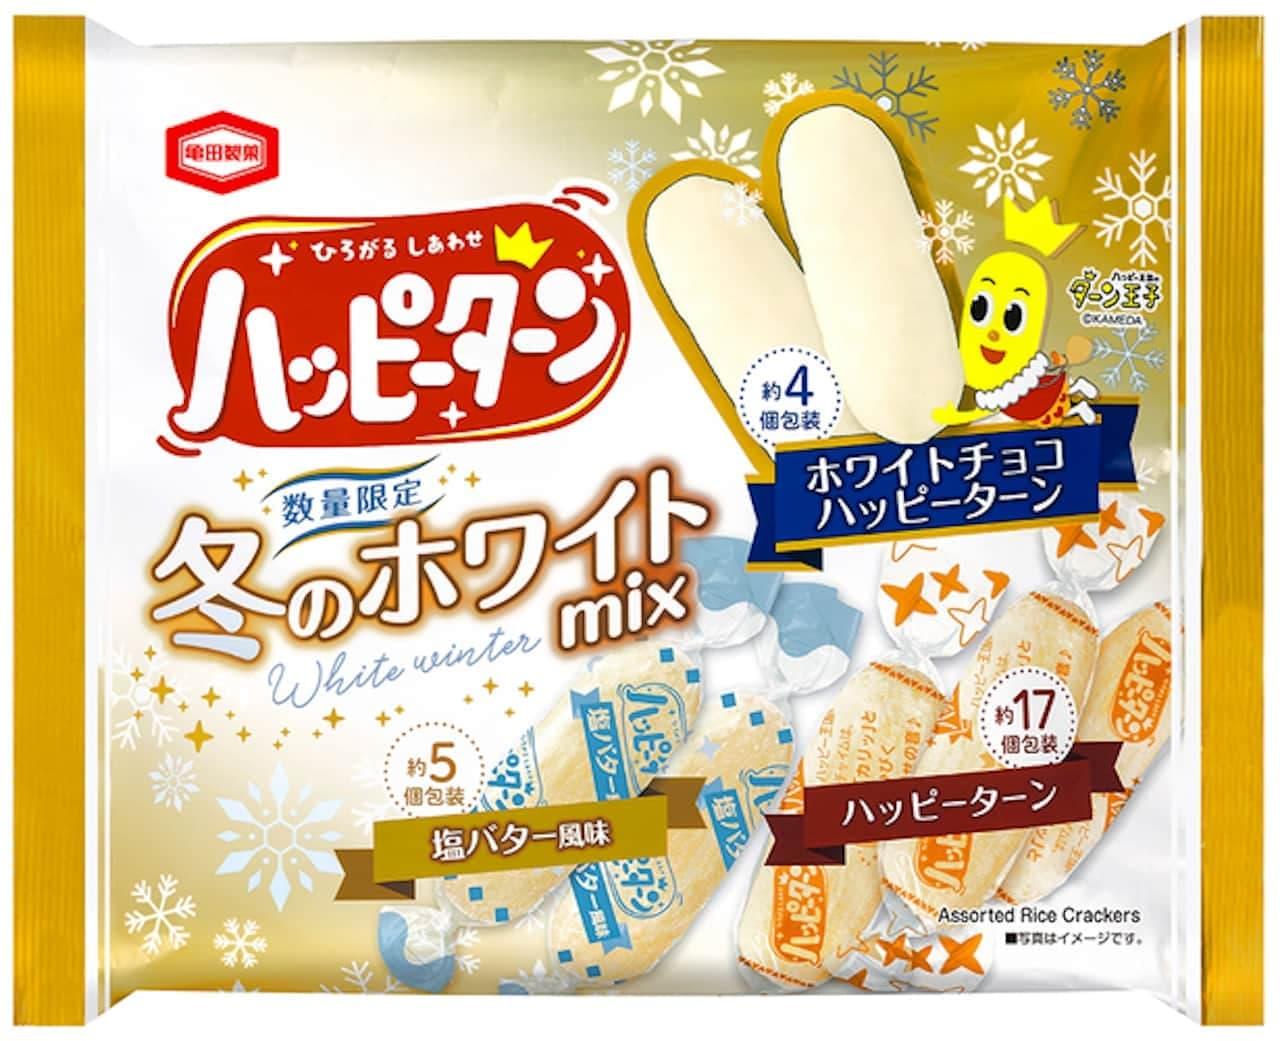 亀田製菓「124g ハッピーターン 冬のホワイトmix」